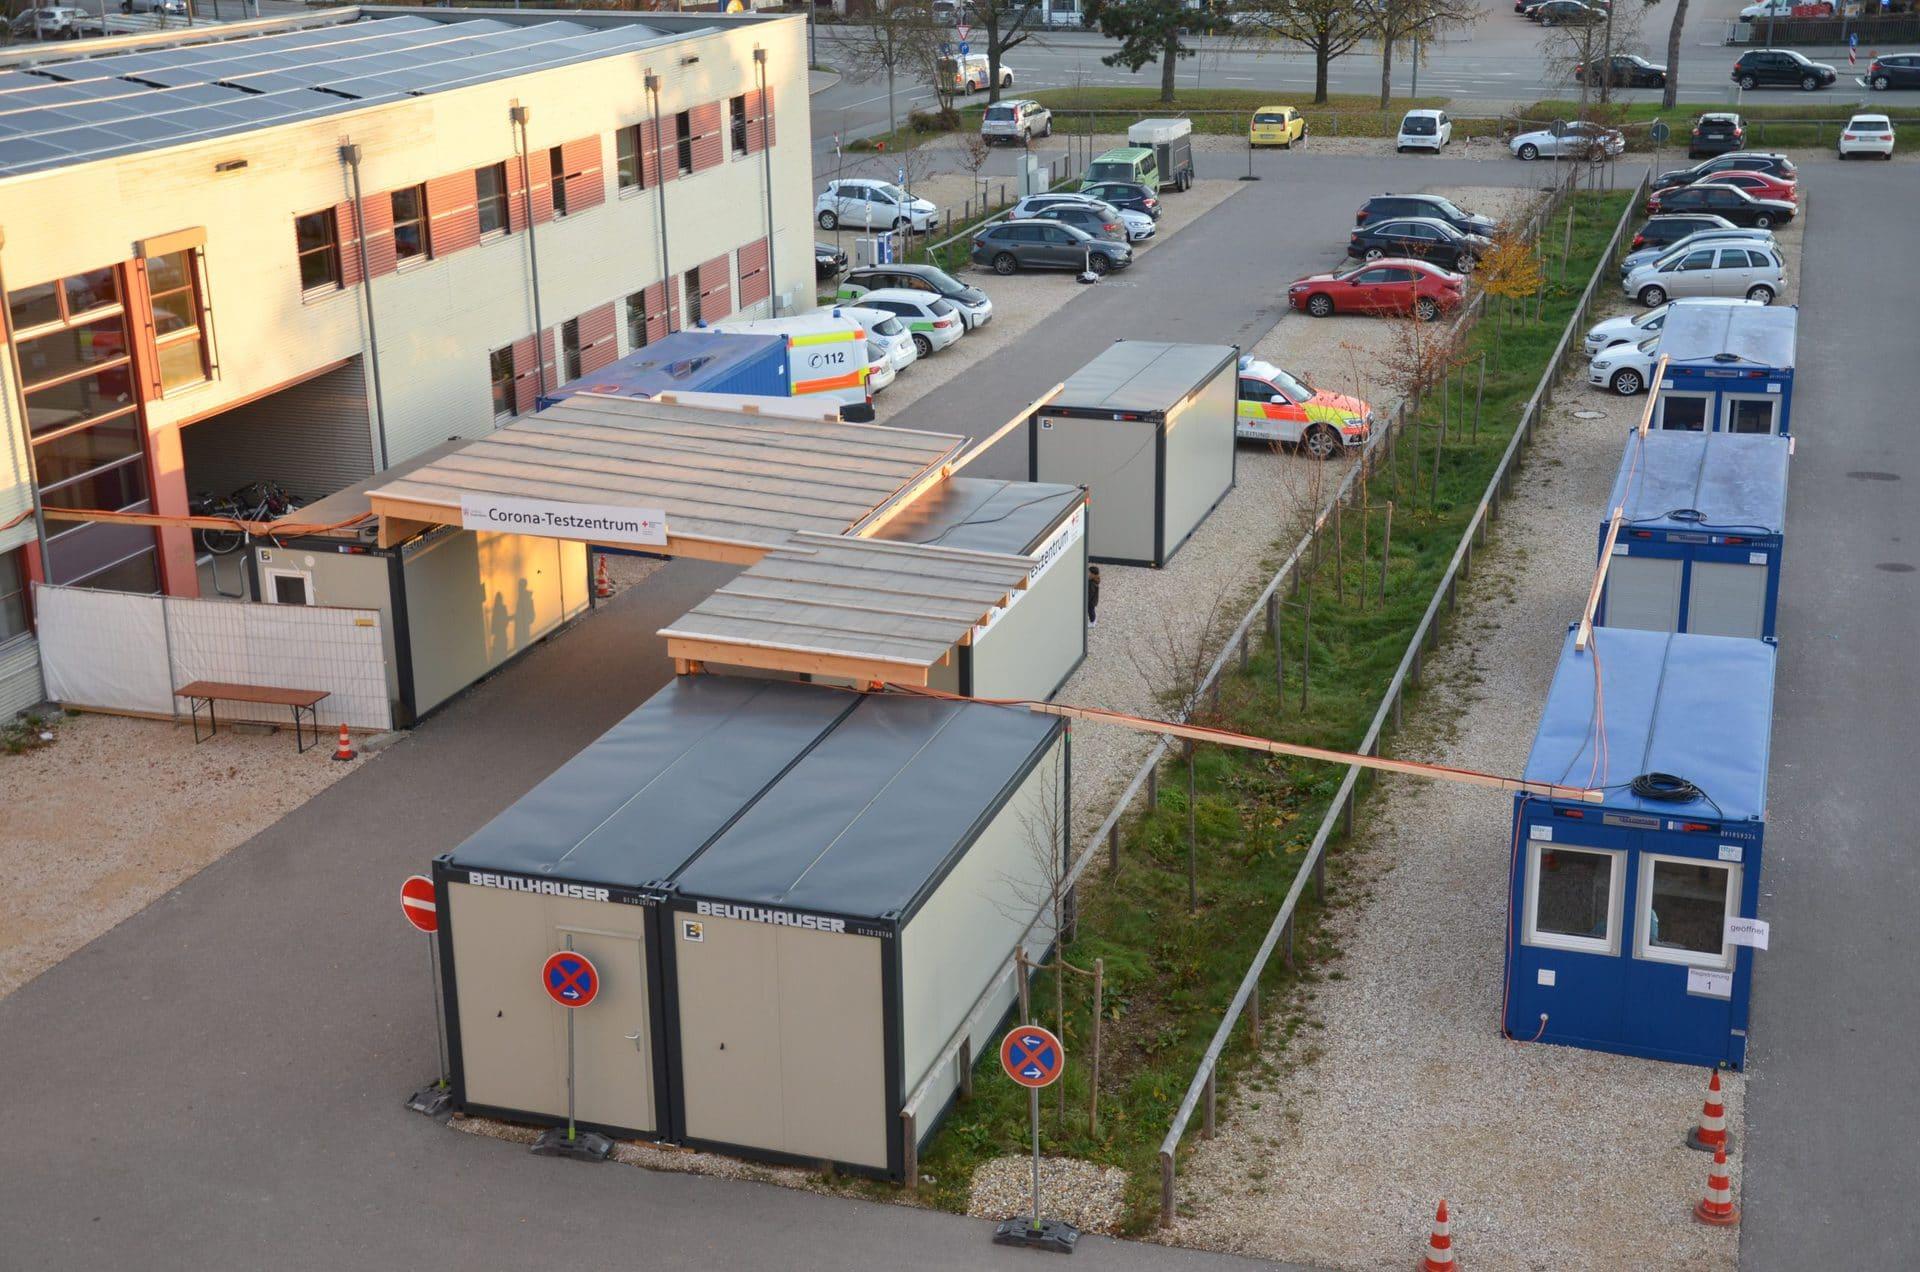 Erweiterte Öffnungszeiten im Corona-Testzentrum Landkreis Regensburg: Testzentrum zusätzlich am 2. und 9. Januar geöffnet